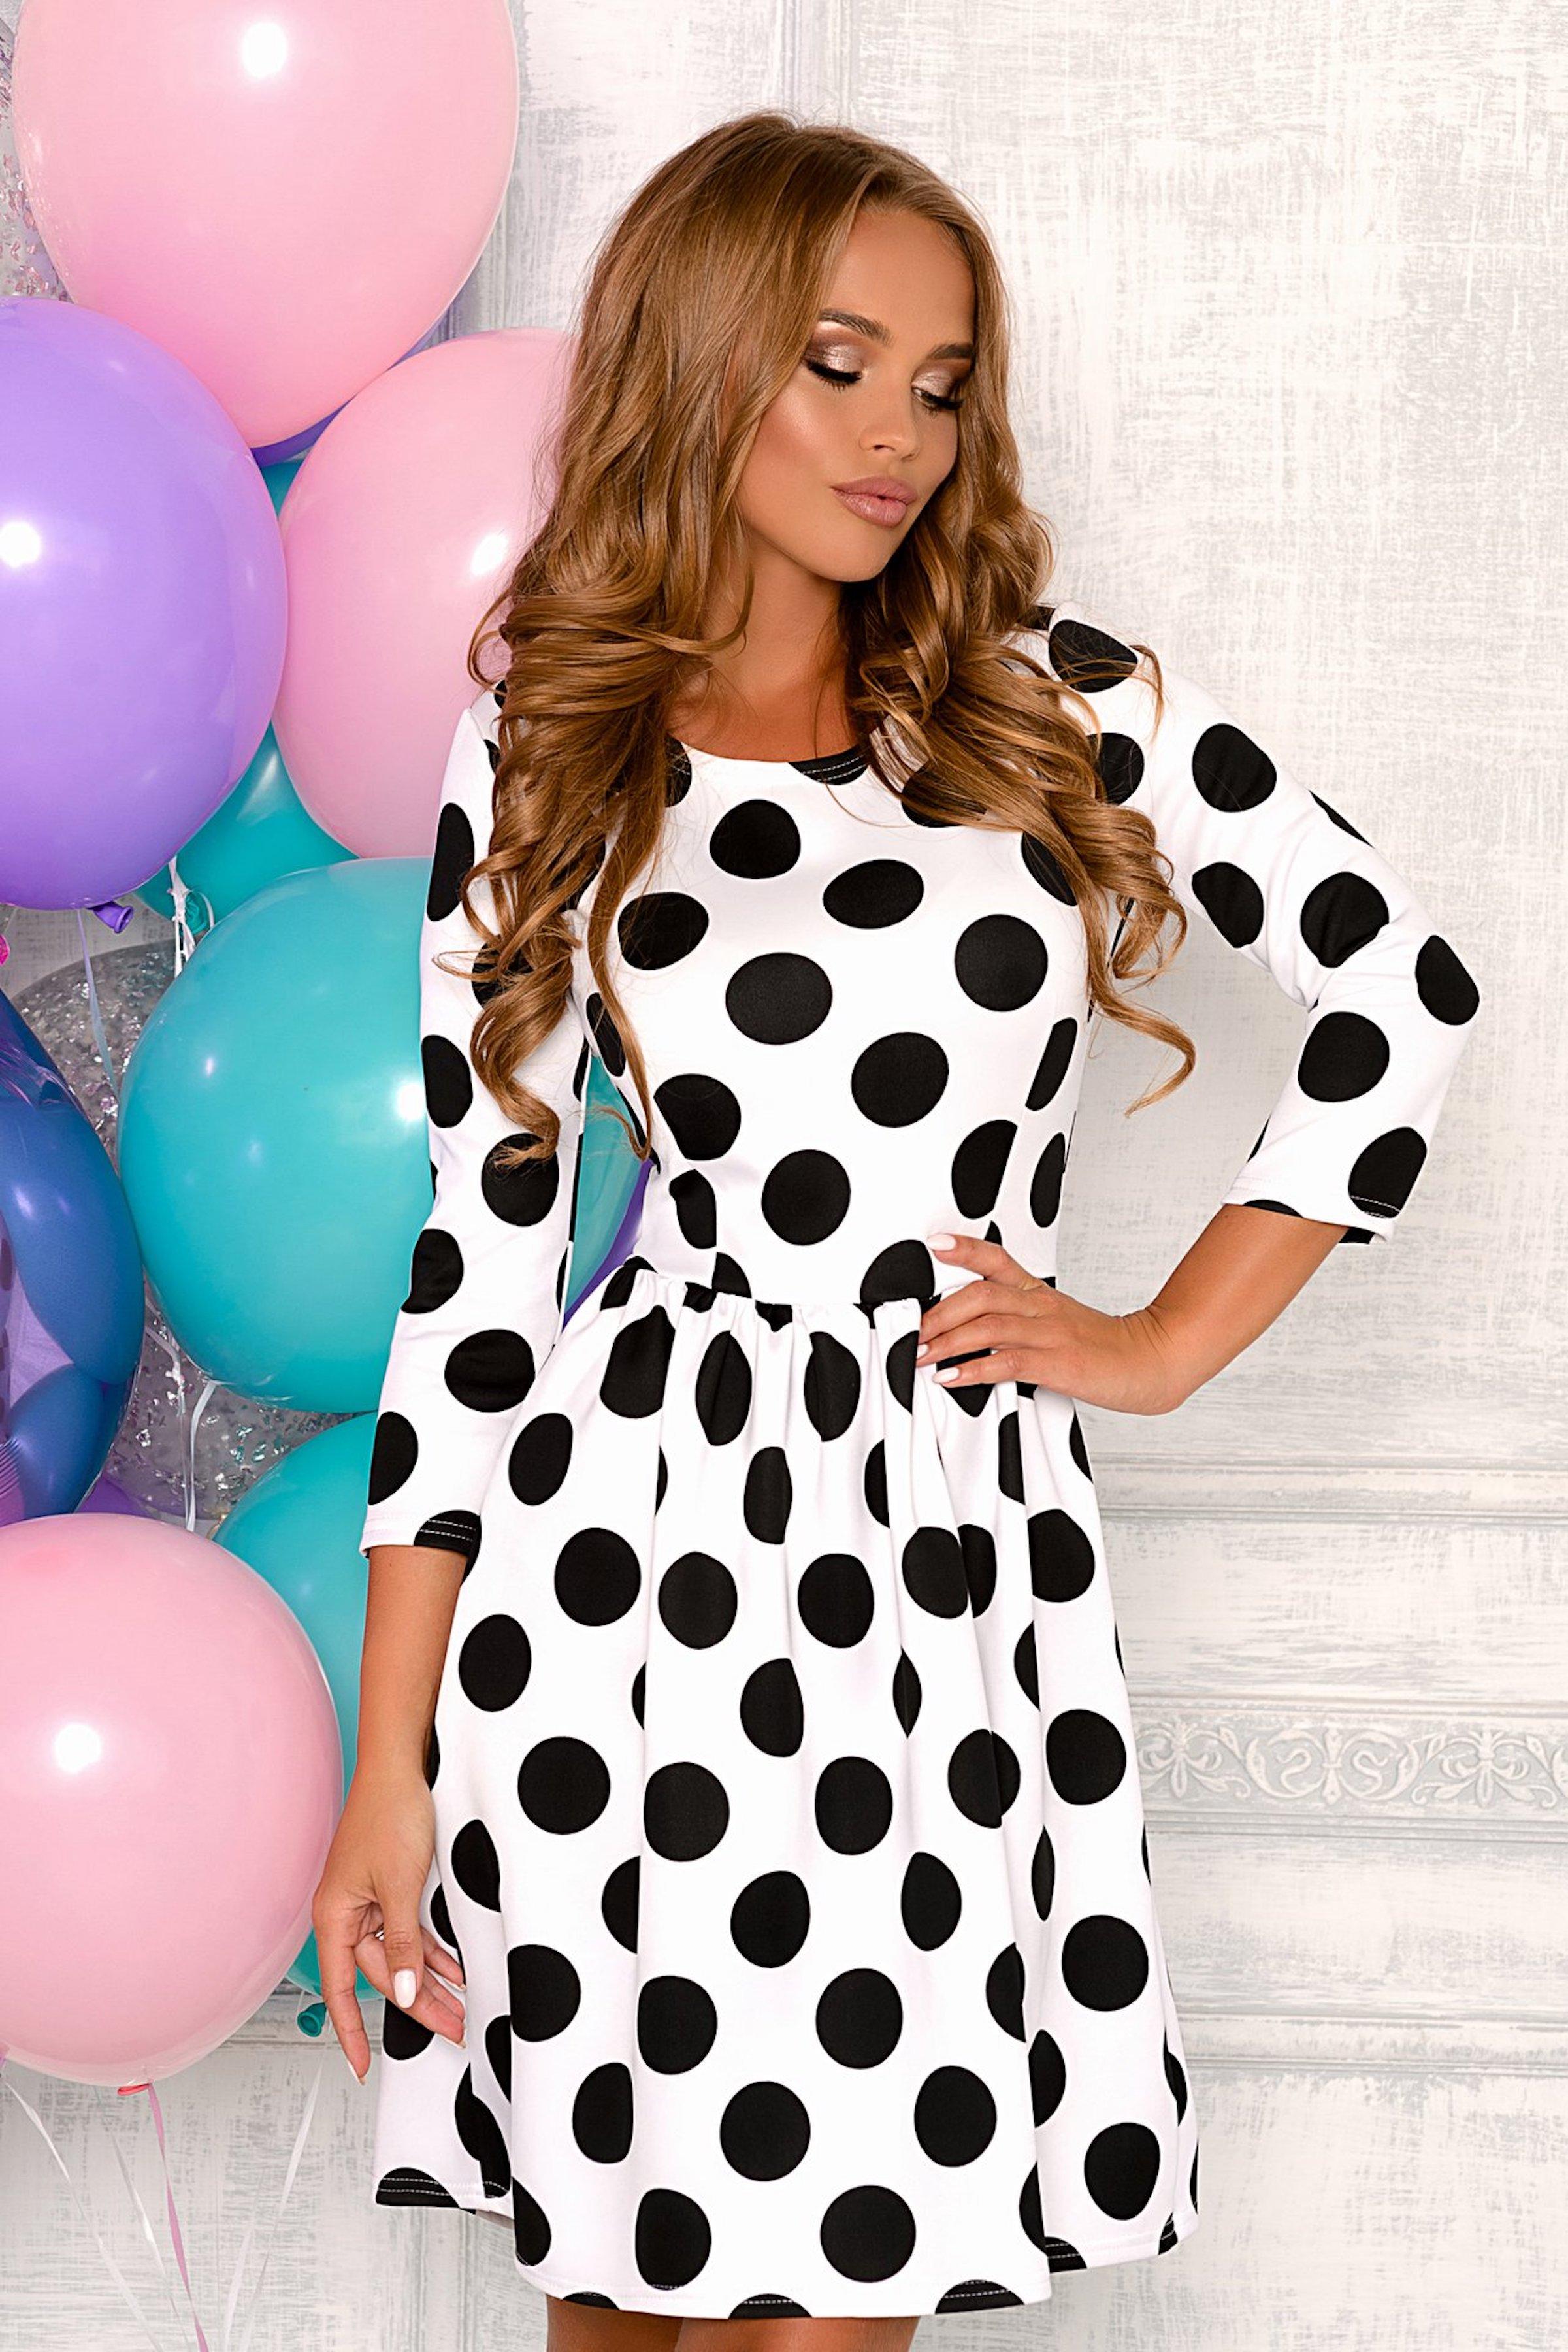 c430cef4693 Белое платье в черный горошек Open-Style арт. 8003 купить в интернет ...